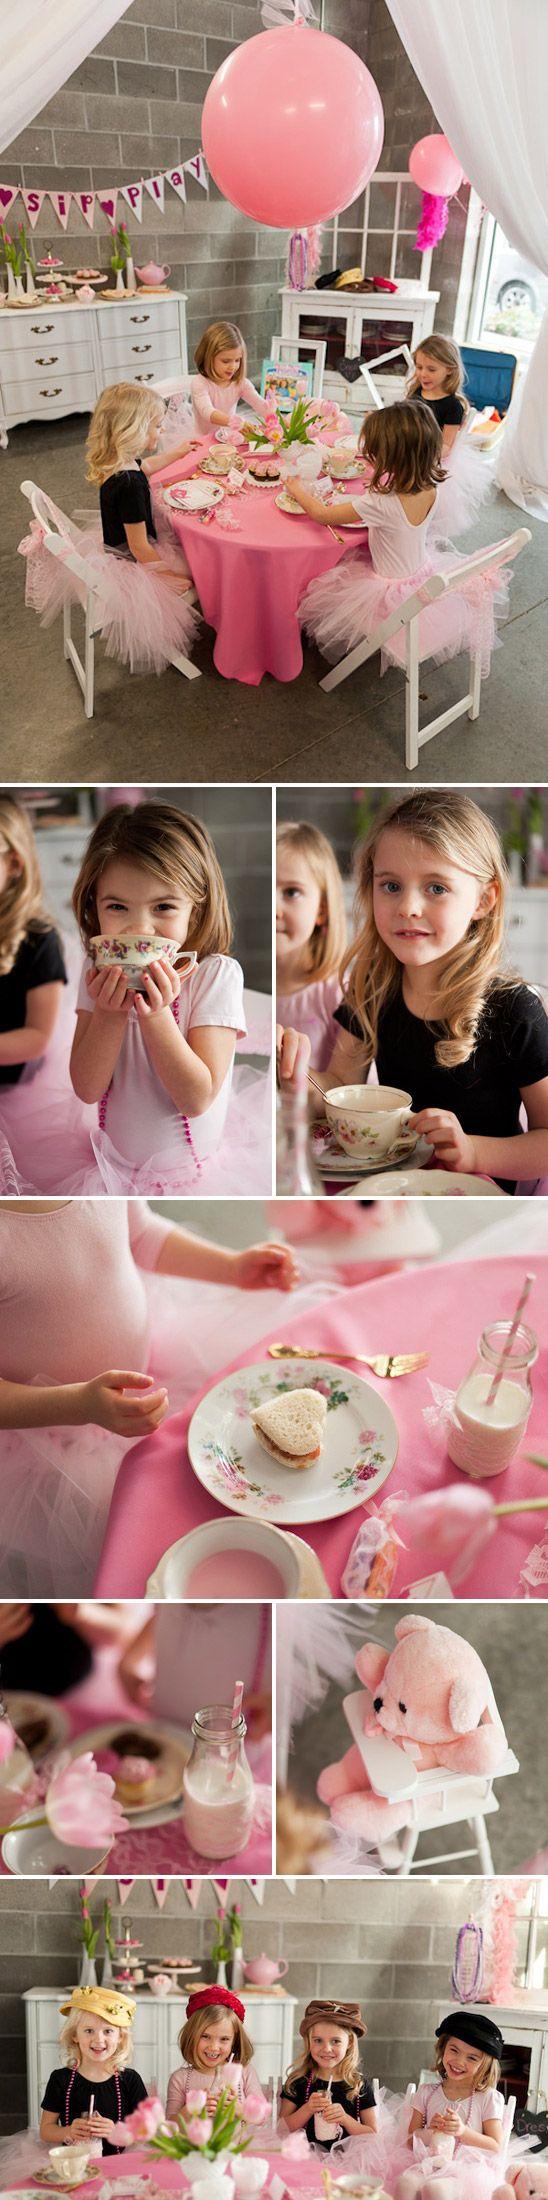 little girls tea party birthday idea, love it!!